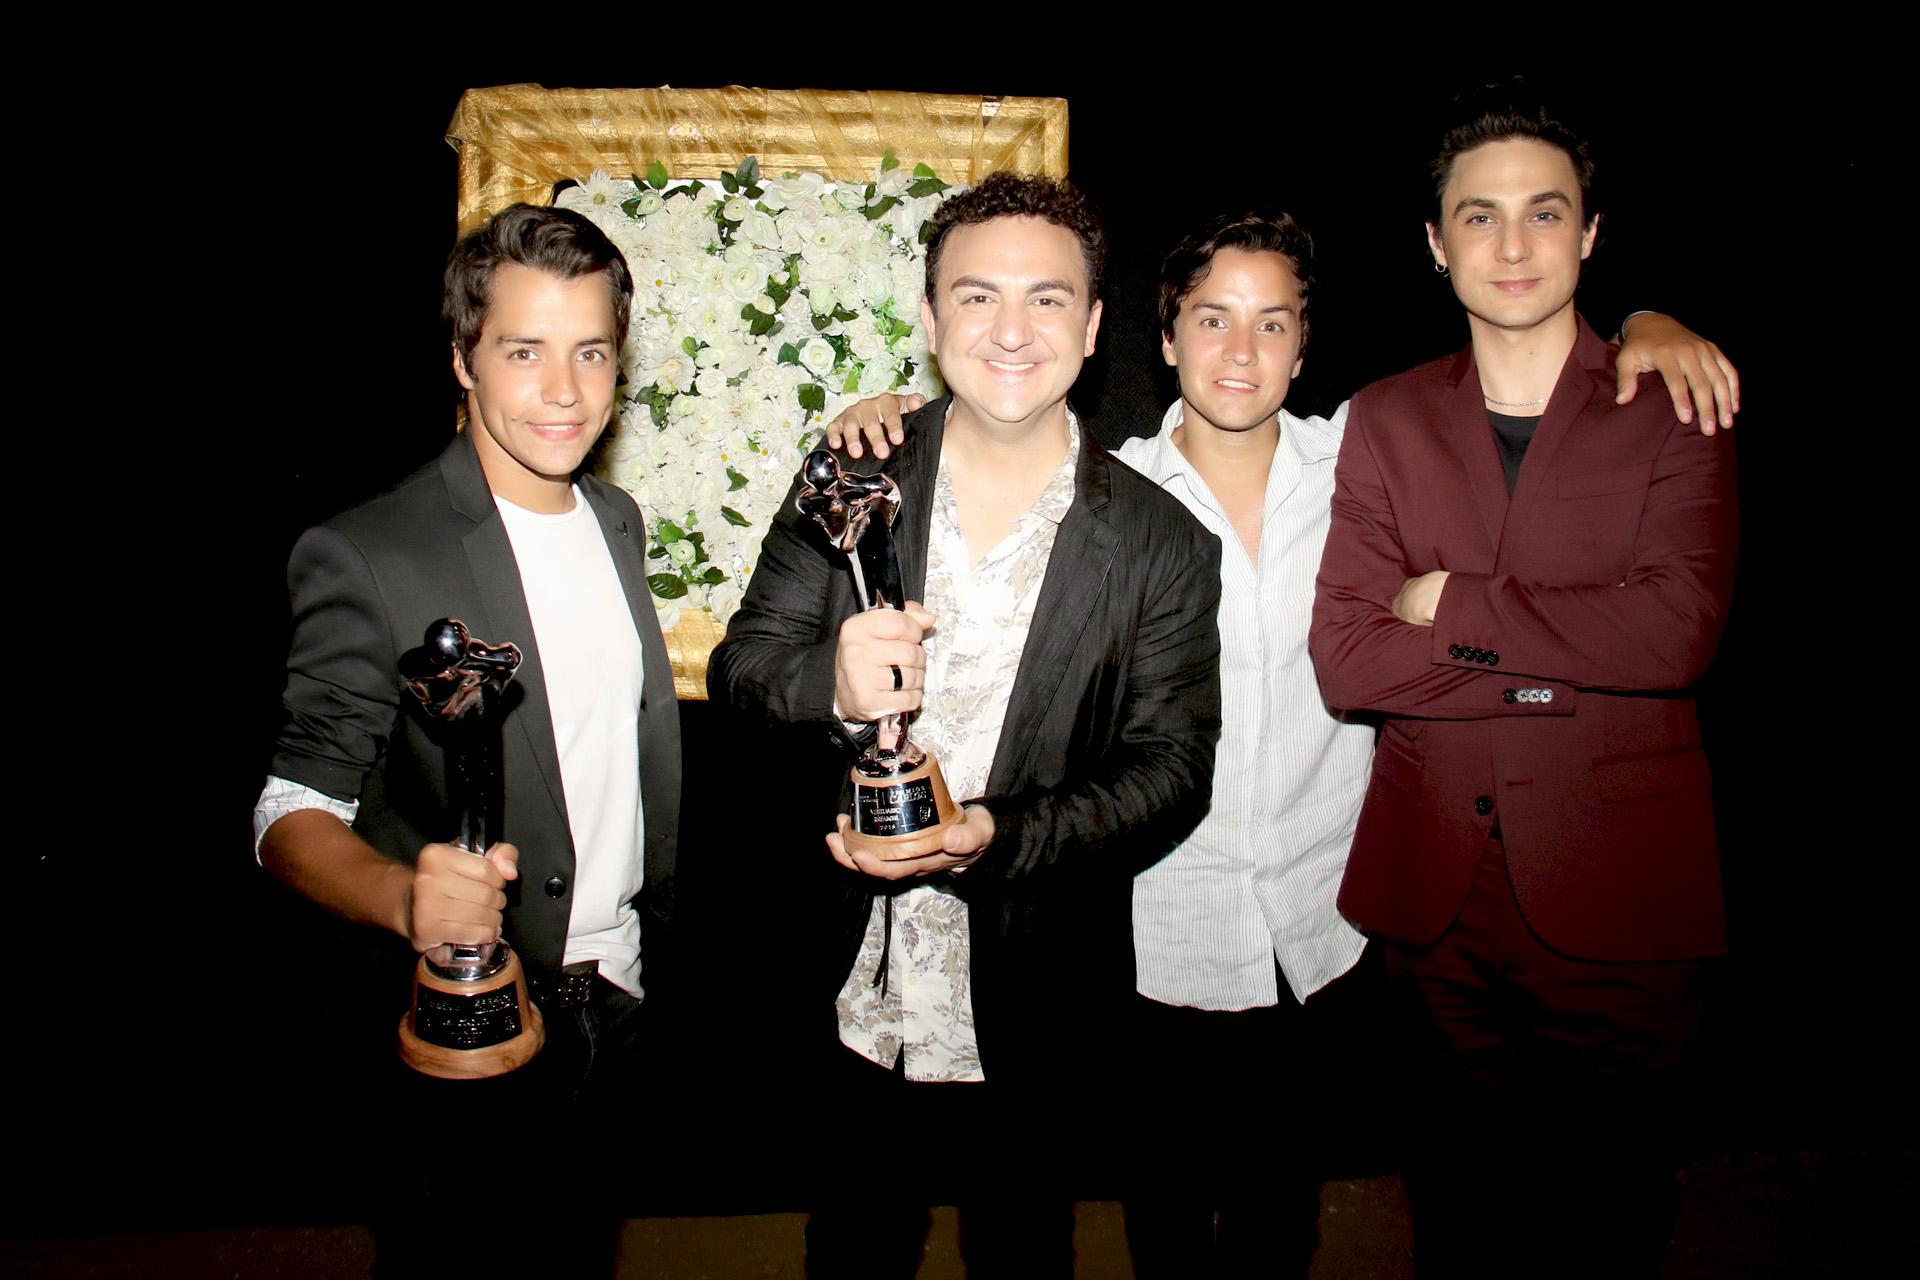 Diego Toma, una de las caras de Junior Express en Vivo, ganadora a Mejor Espectáculo Infantil